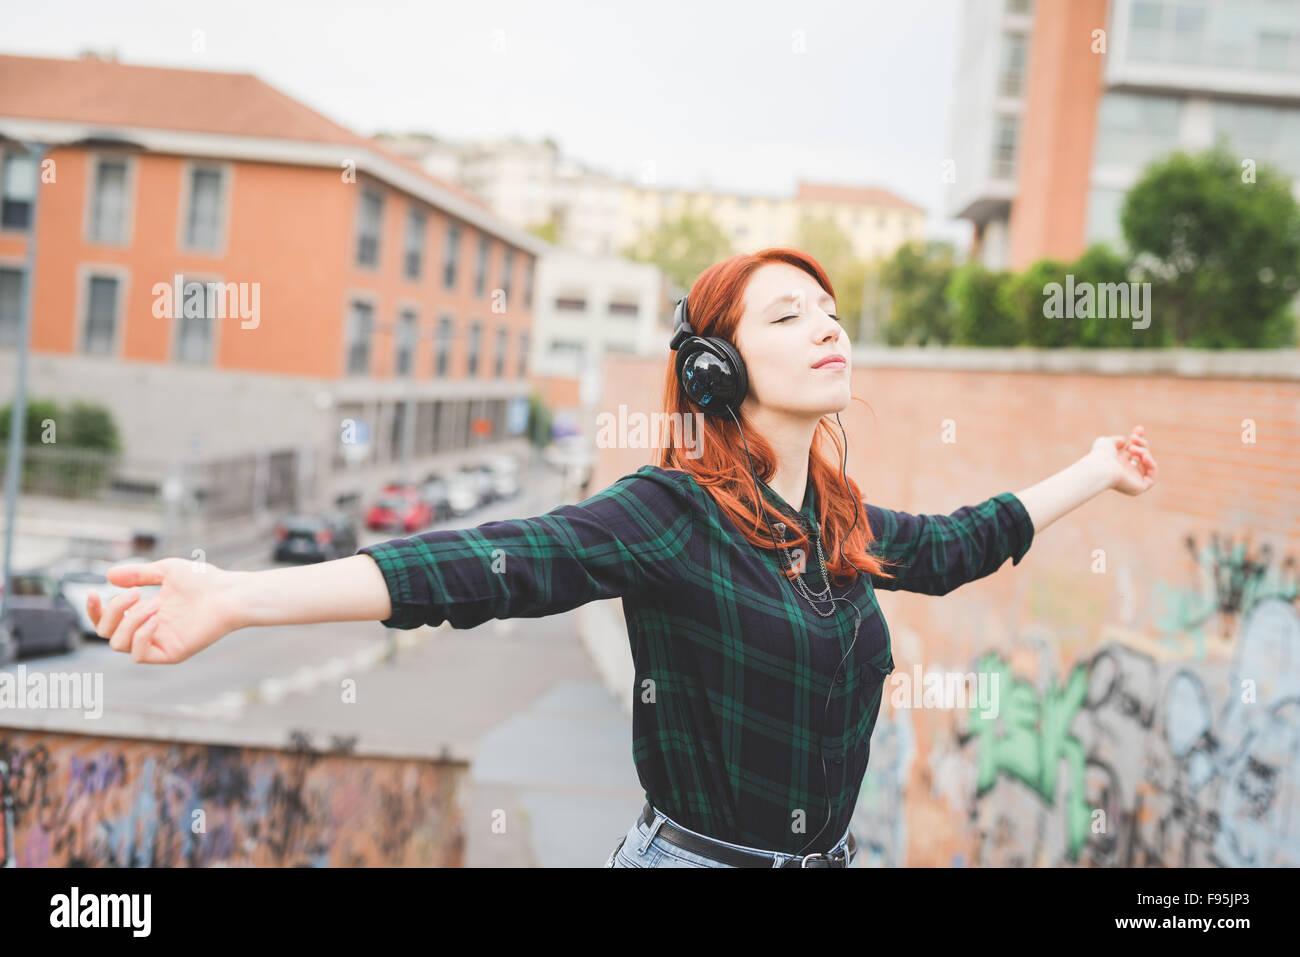 Demi-longueur de jeunes beau portrait rousse les cheveux droits woman listening music avec casque, se sentir libre Photo Stock